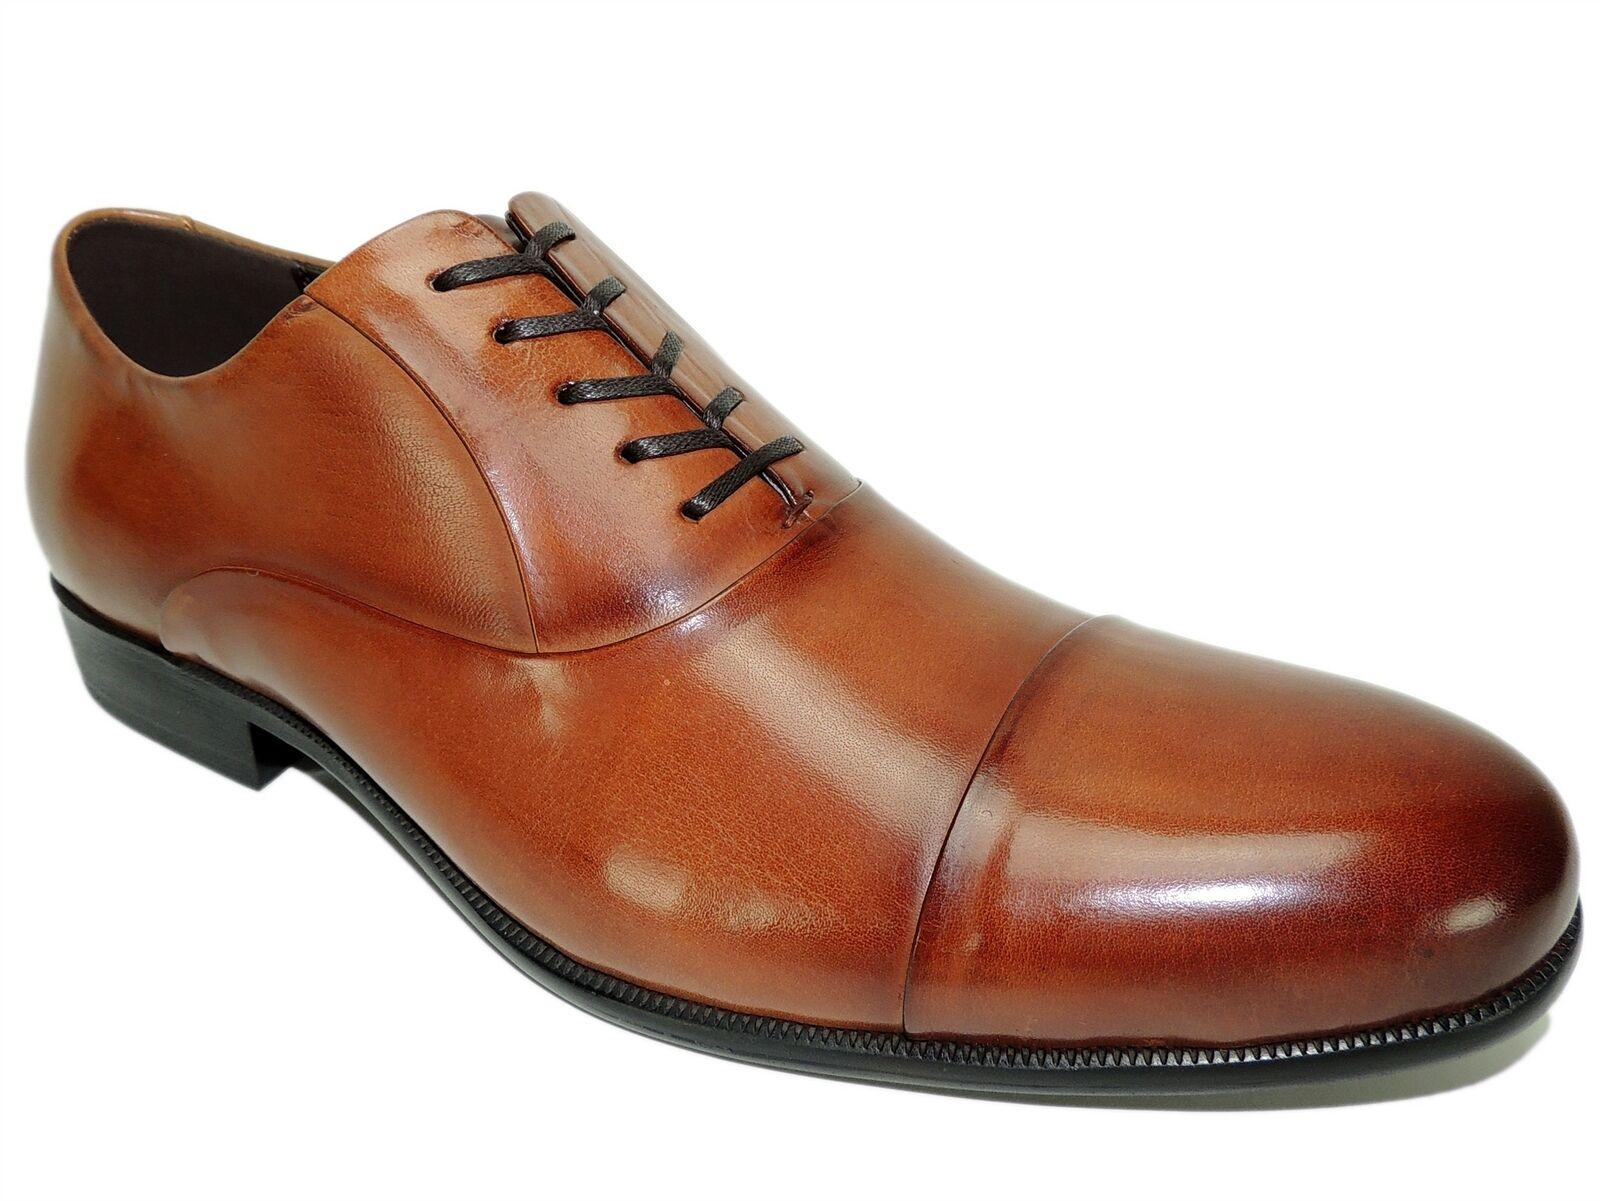 Kenneth Cole New York Men's Chief Council Cap Toe Oxfords Cognac Size 10 M